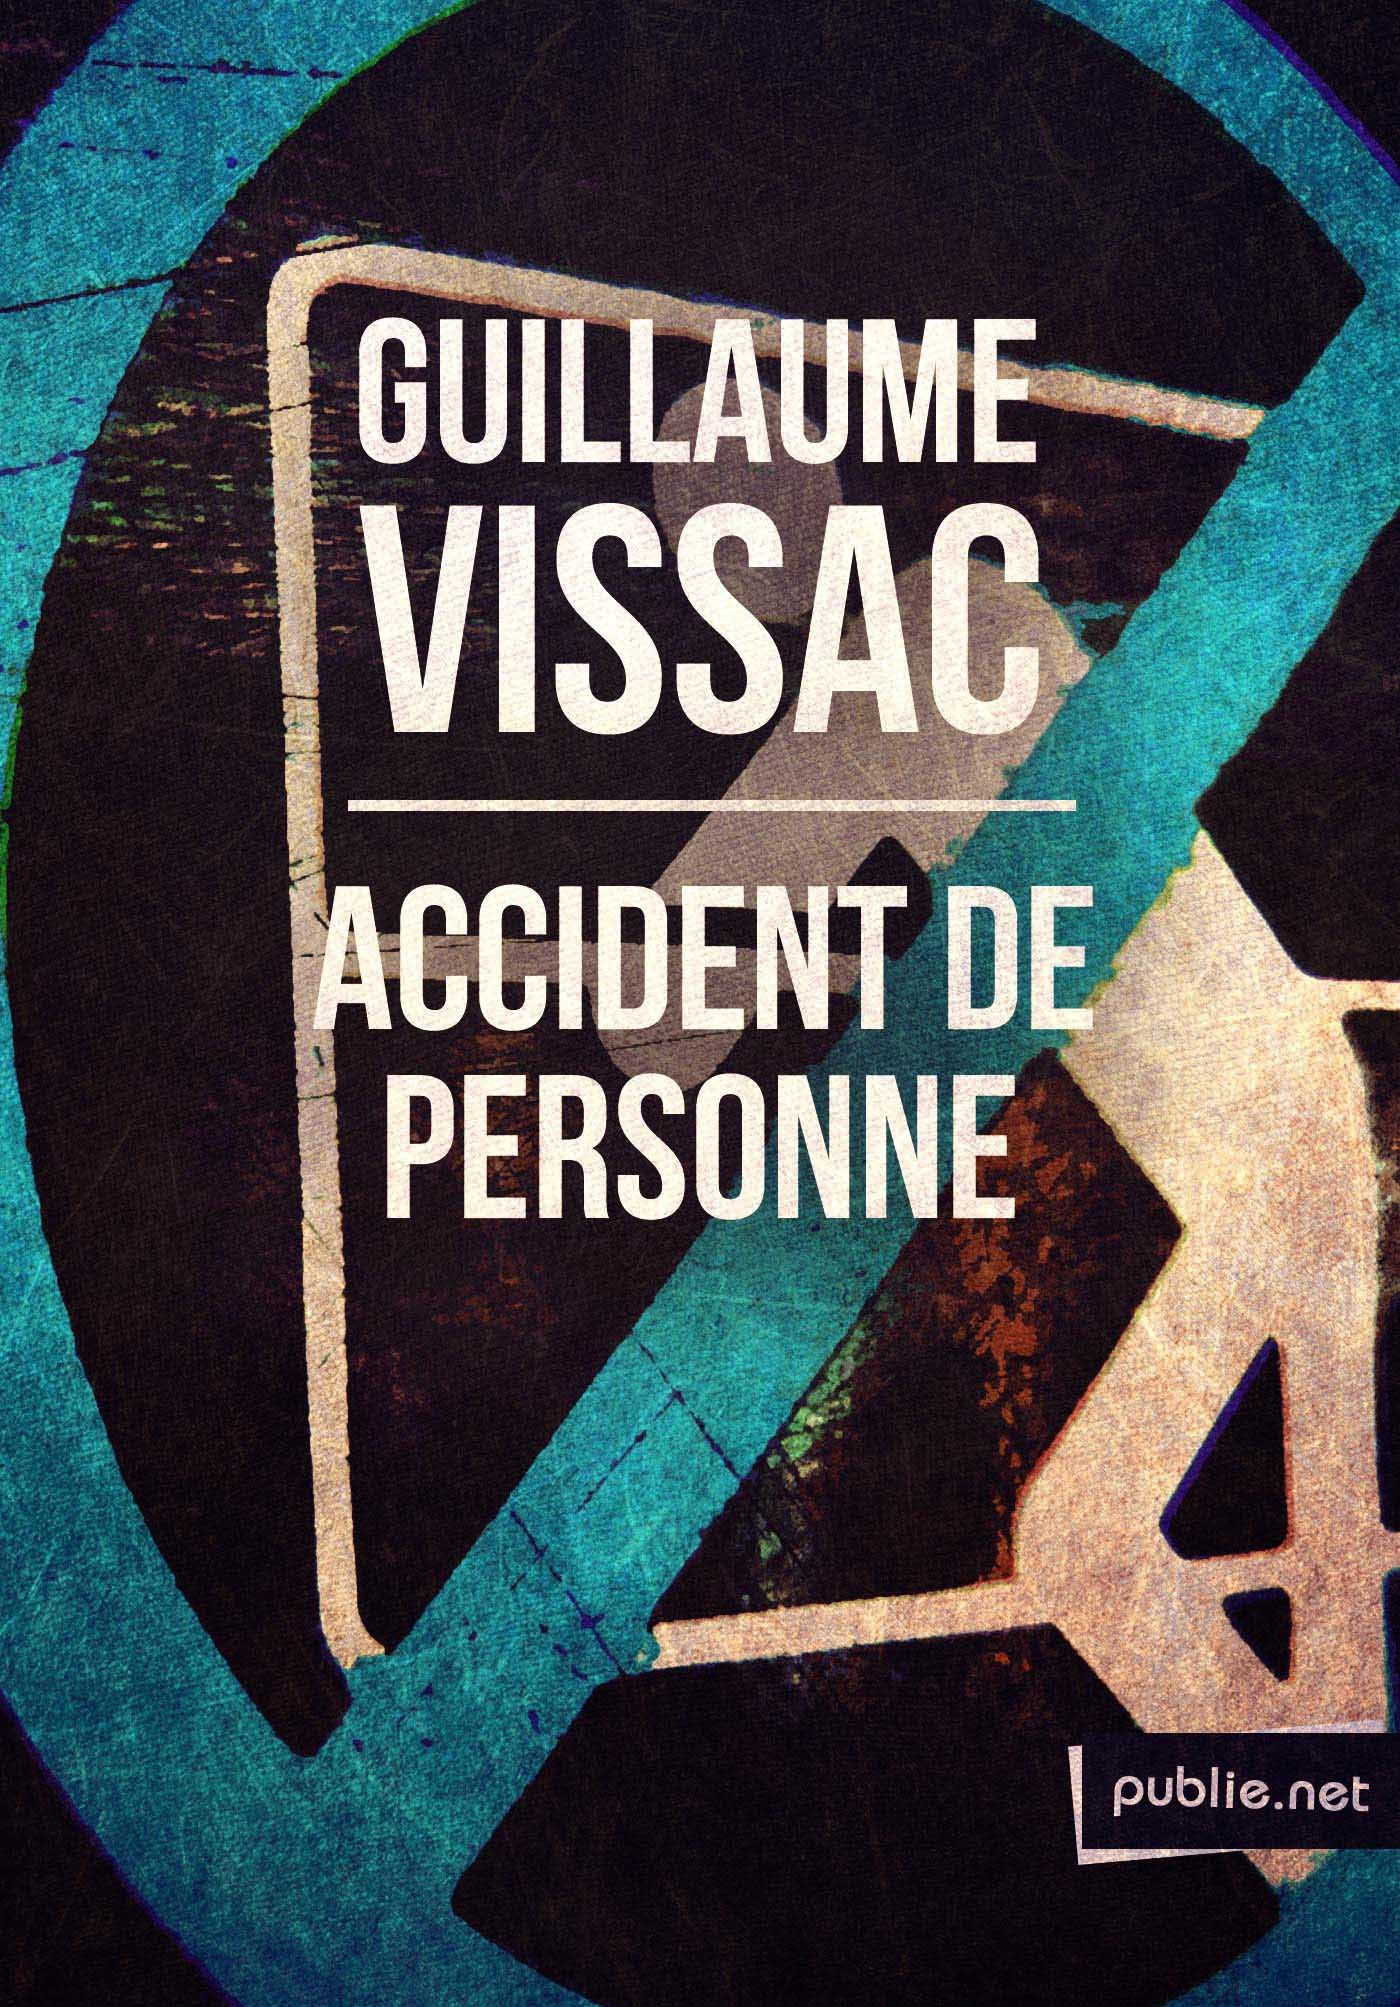 Accident de personne  - Guillaume Vissac